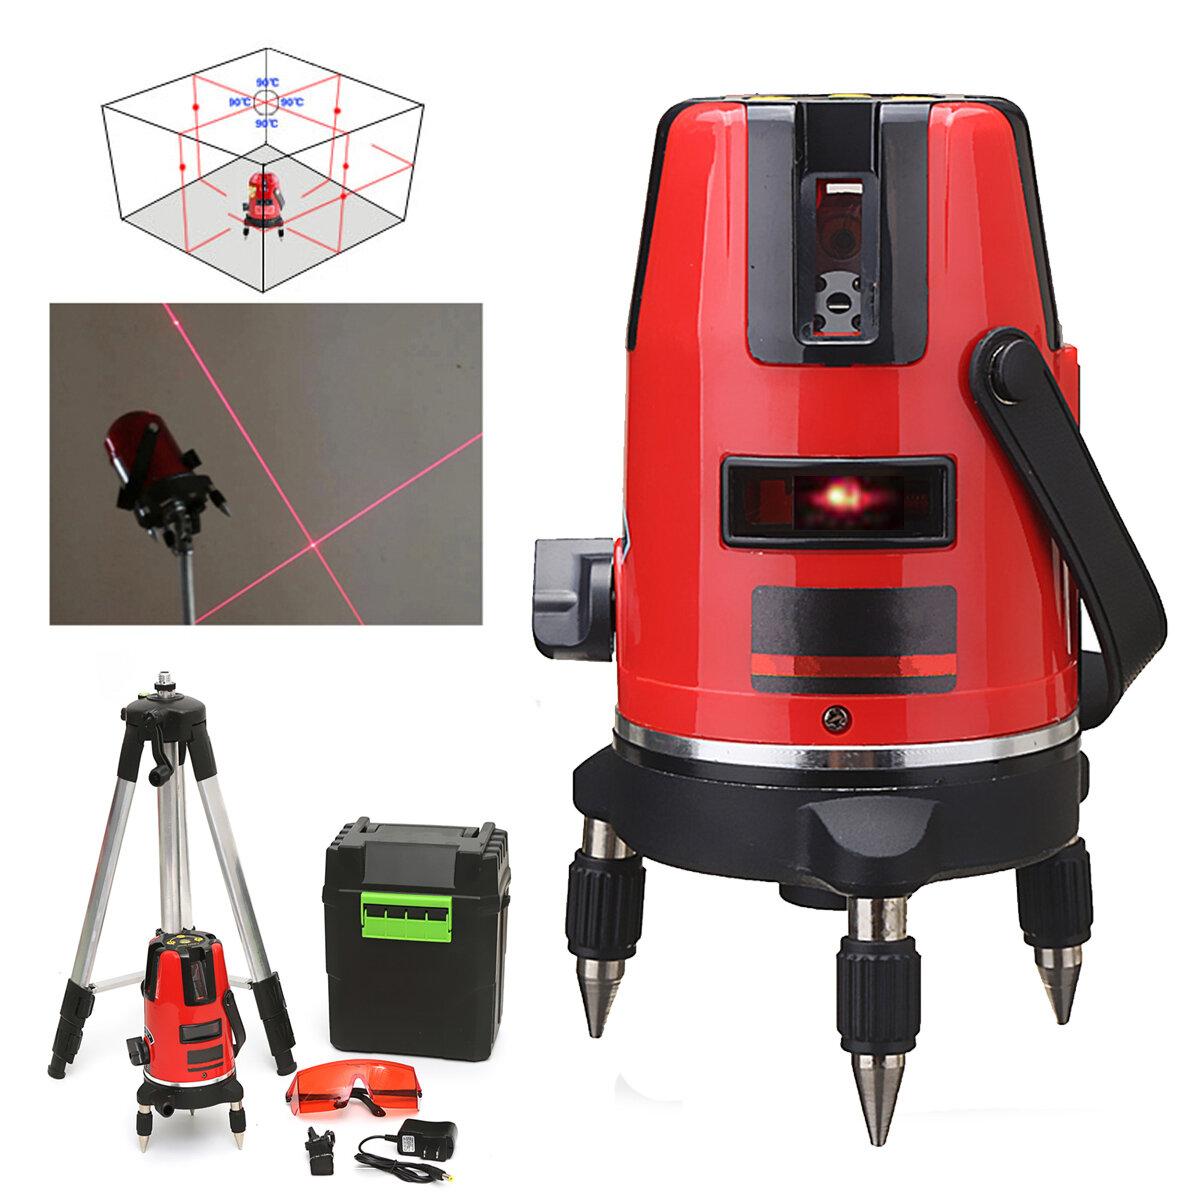 5 Linhas 6 Pontos Profissional Impermeável Nível Laser Vermelho Modo ao Ar  Livre Rotação 360° 3913350f19